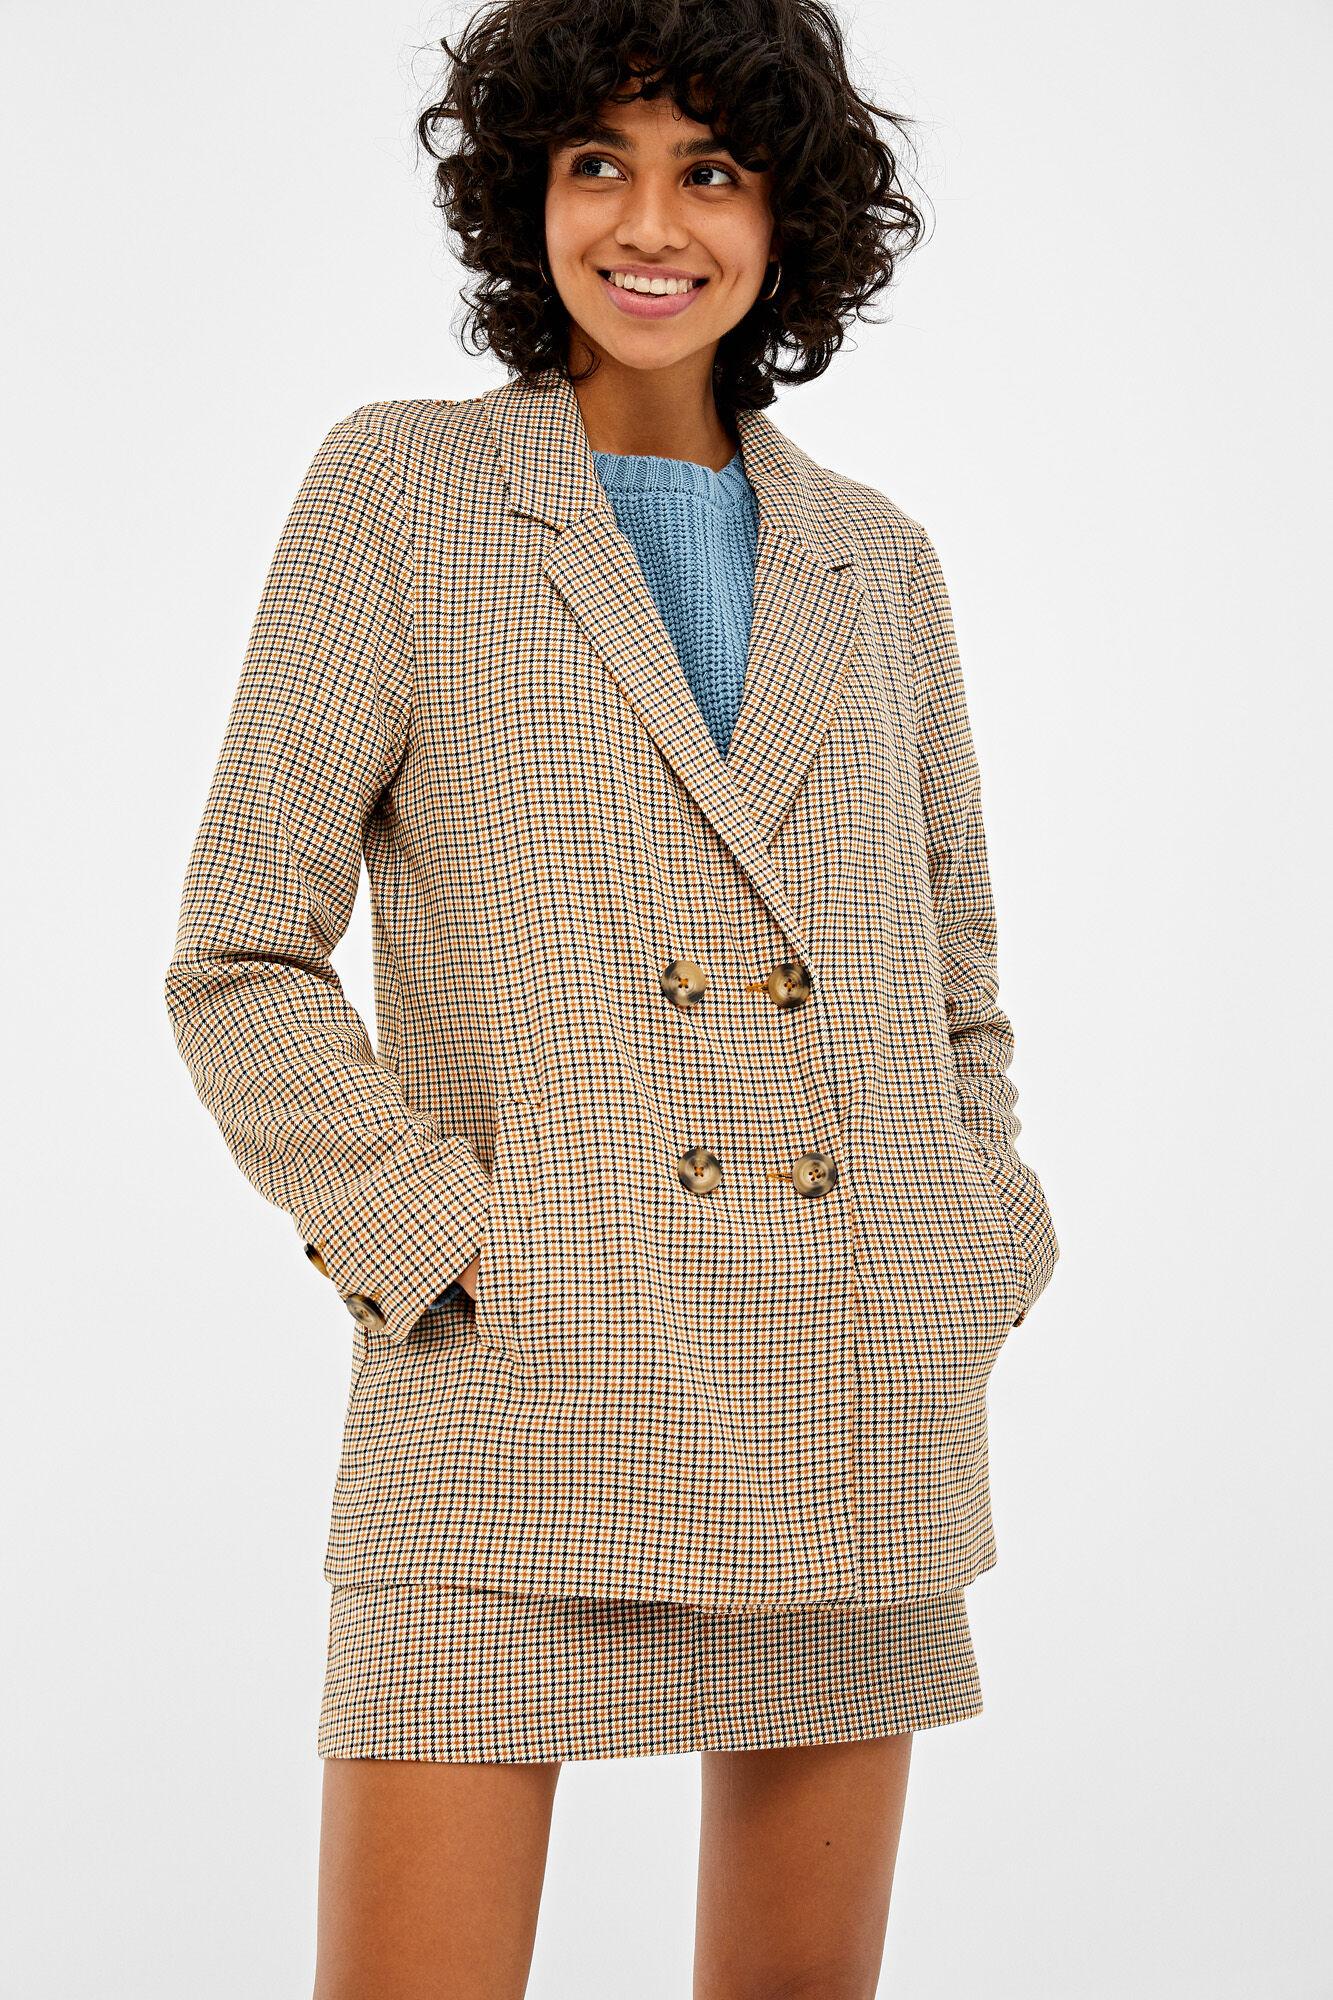 Americana con cuello con solapas, con bolsillos en los laterales, con doble abotonadura y estampada con cuadros.